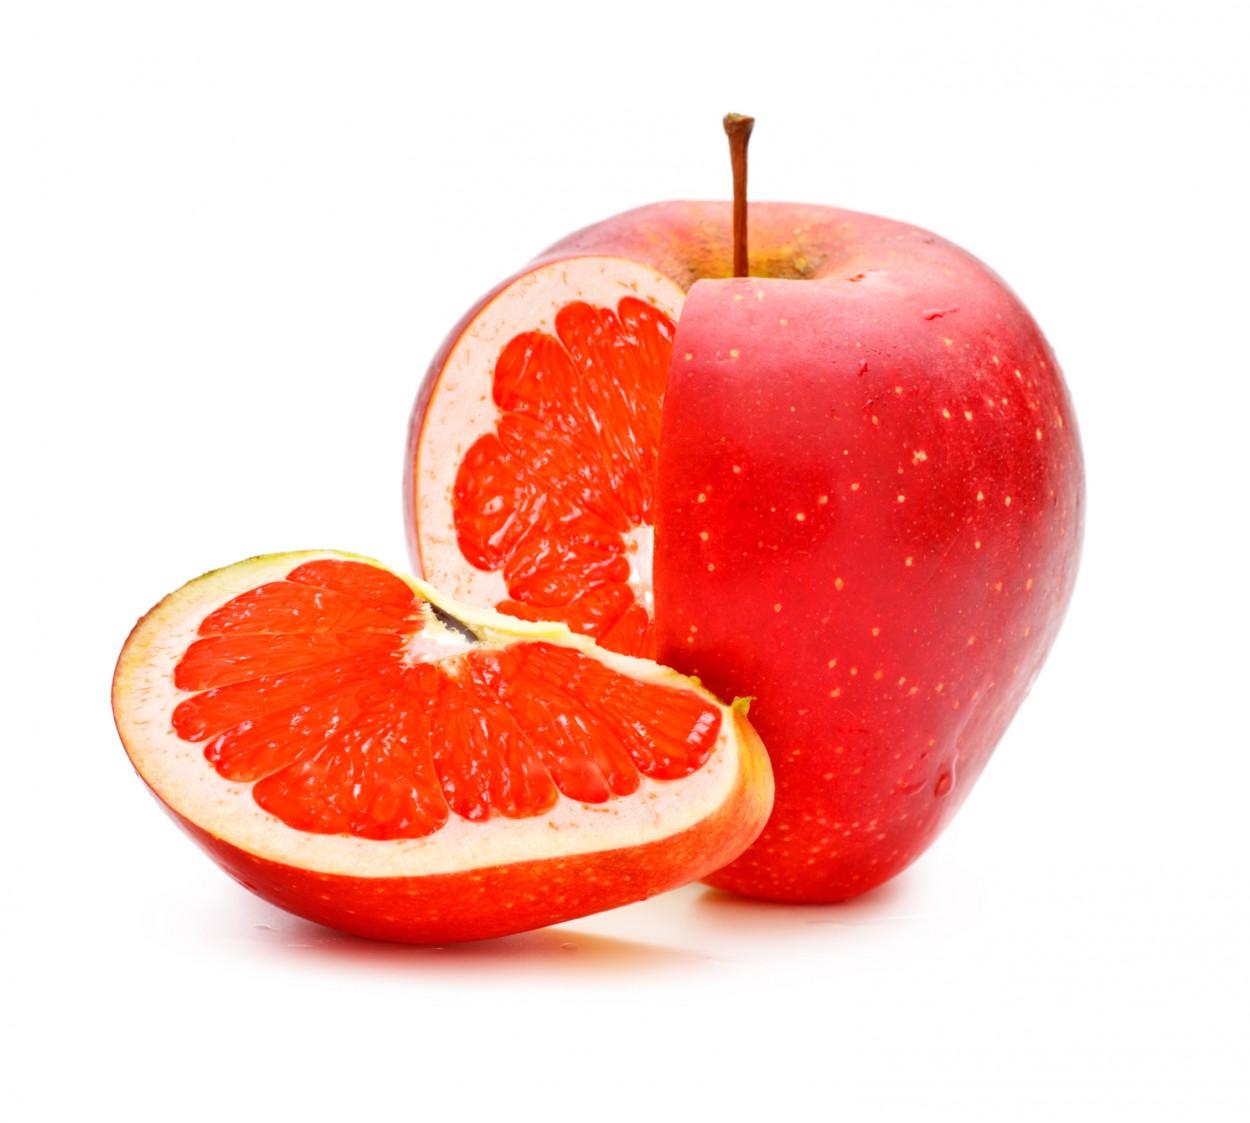 10 распространённых продуктов, которые изначально были генетически модифицированы